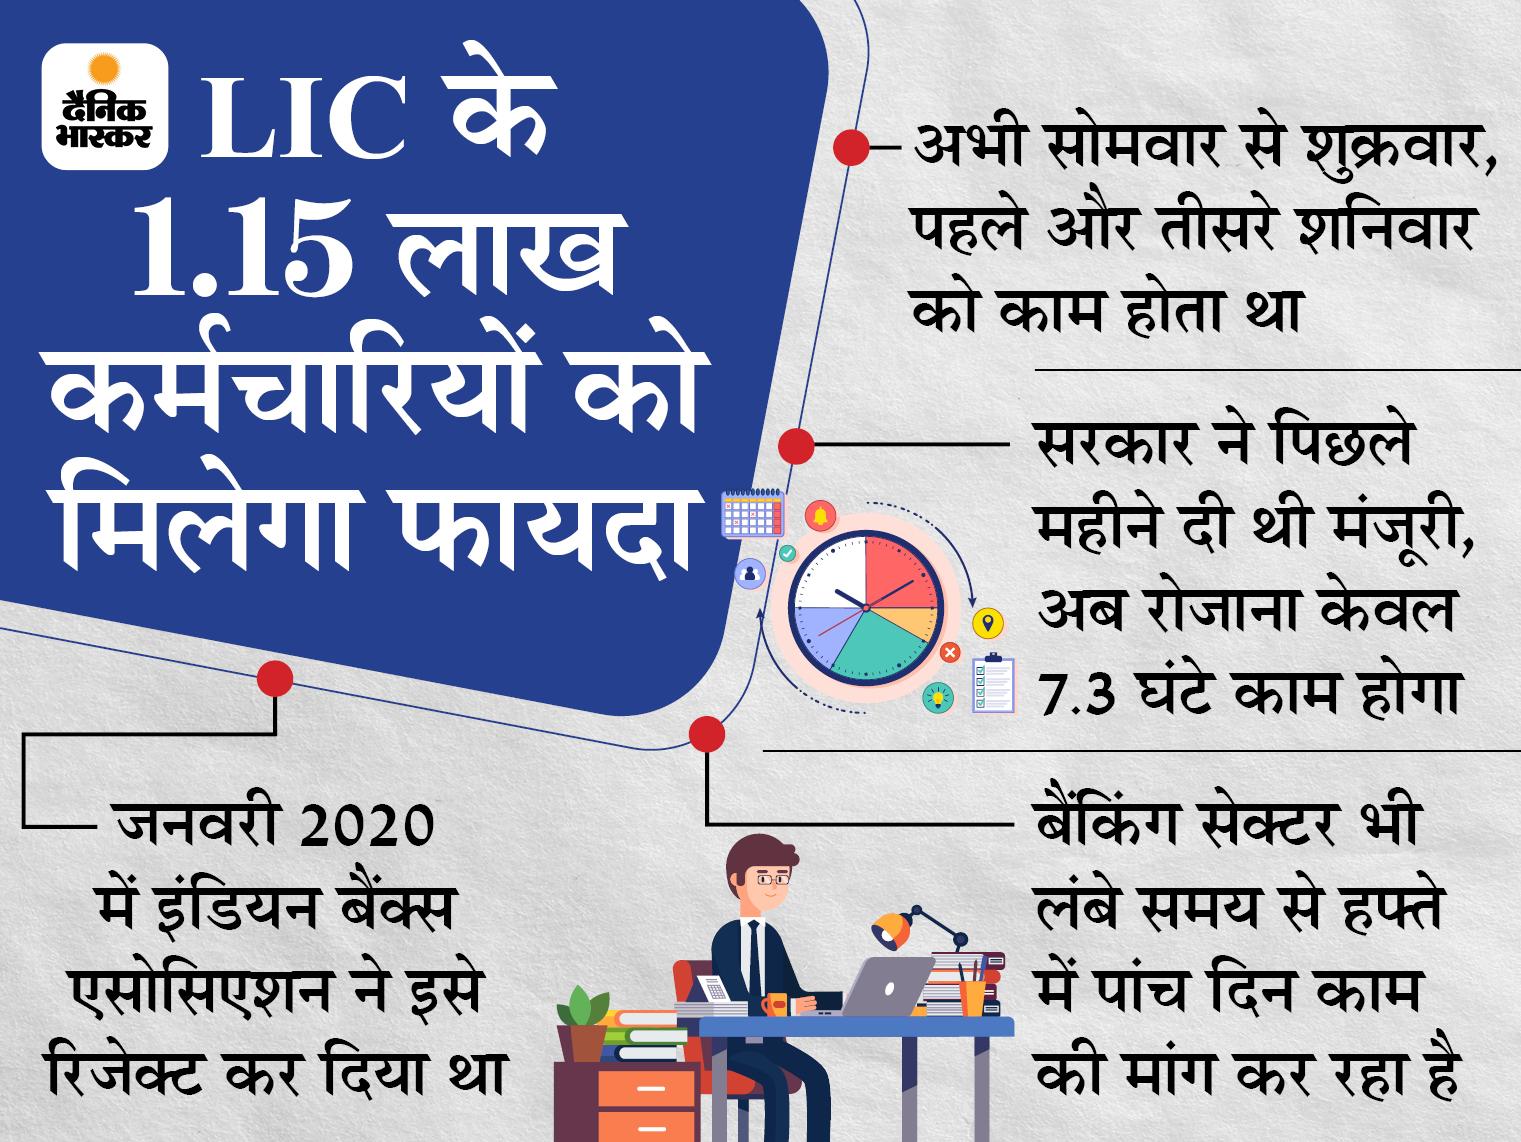 पिछले महीने ही सरकार ने LIC की इस मांग को मंजूरी दे दी थी और अब इसे LIC ने लागू किया है। पिछले महीने ही LIC के कर्मचारियों की सैलरी में 16% के इजाफे को मंजूरी दे दी गई थी। हालांकि यह काफी लंबे समय बाद की गई थी - Dainik Bhaskar